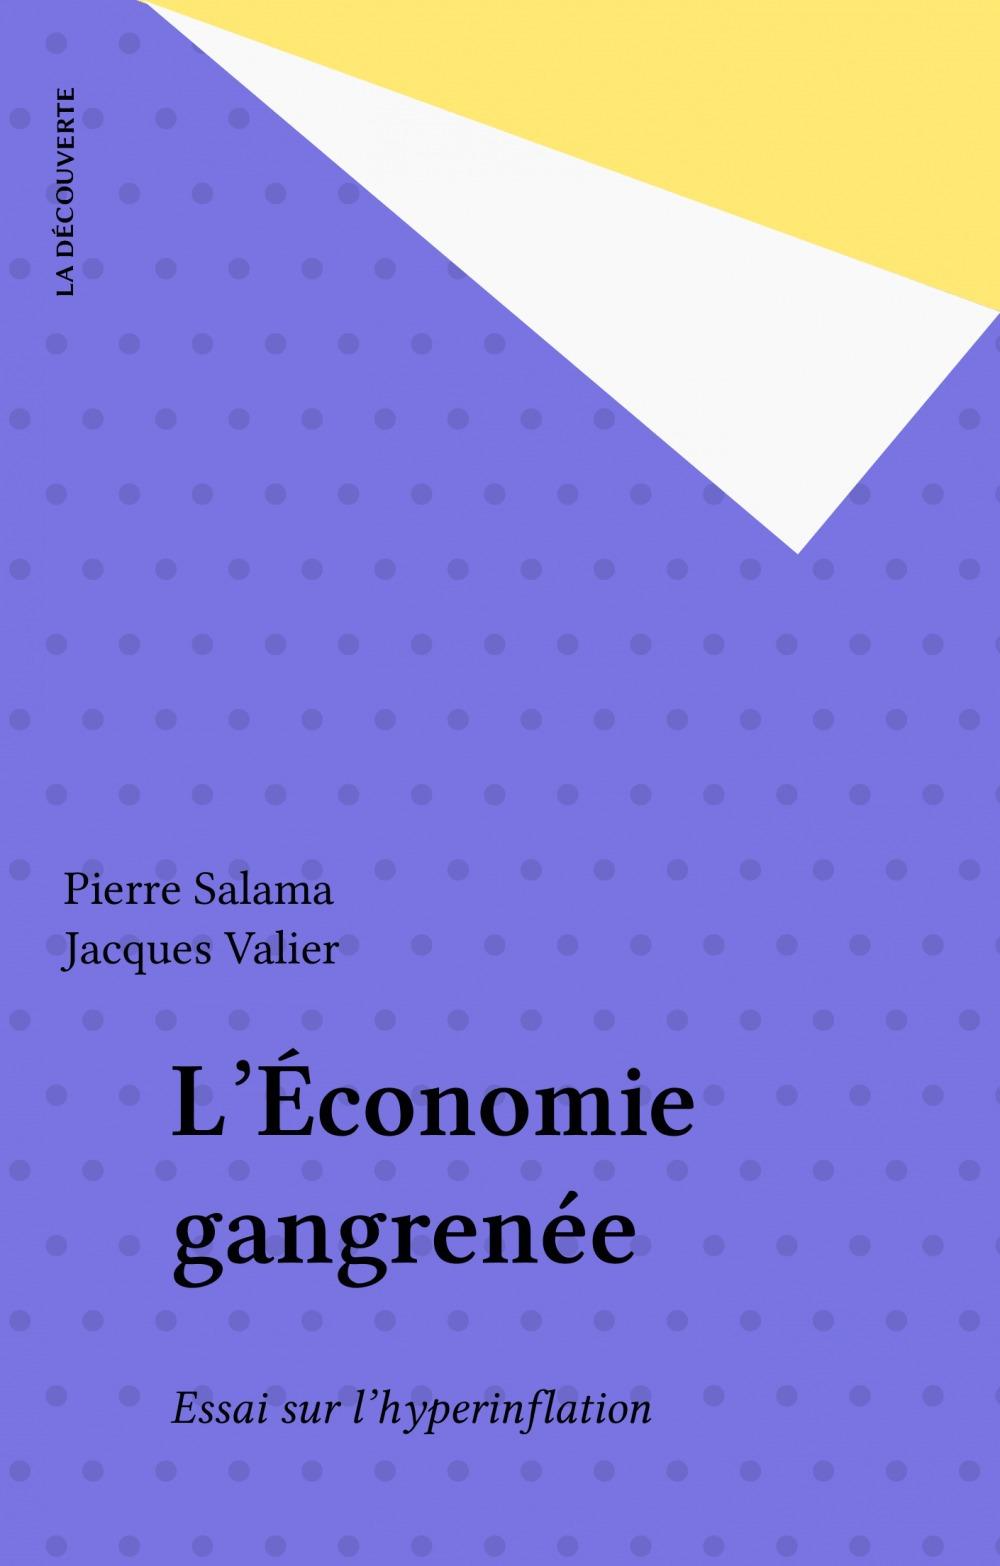 Economie gangrenee